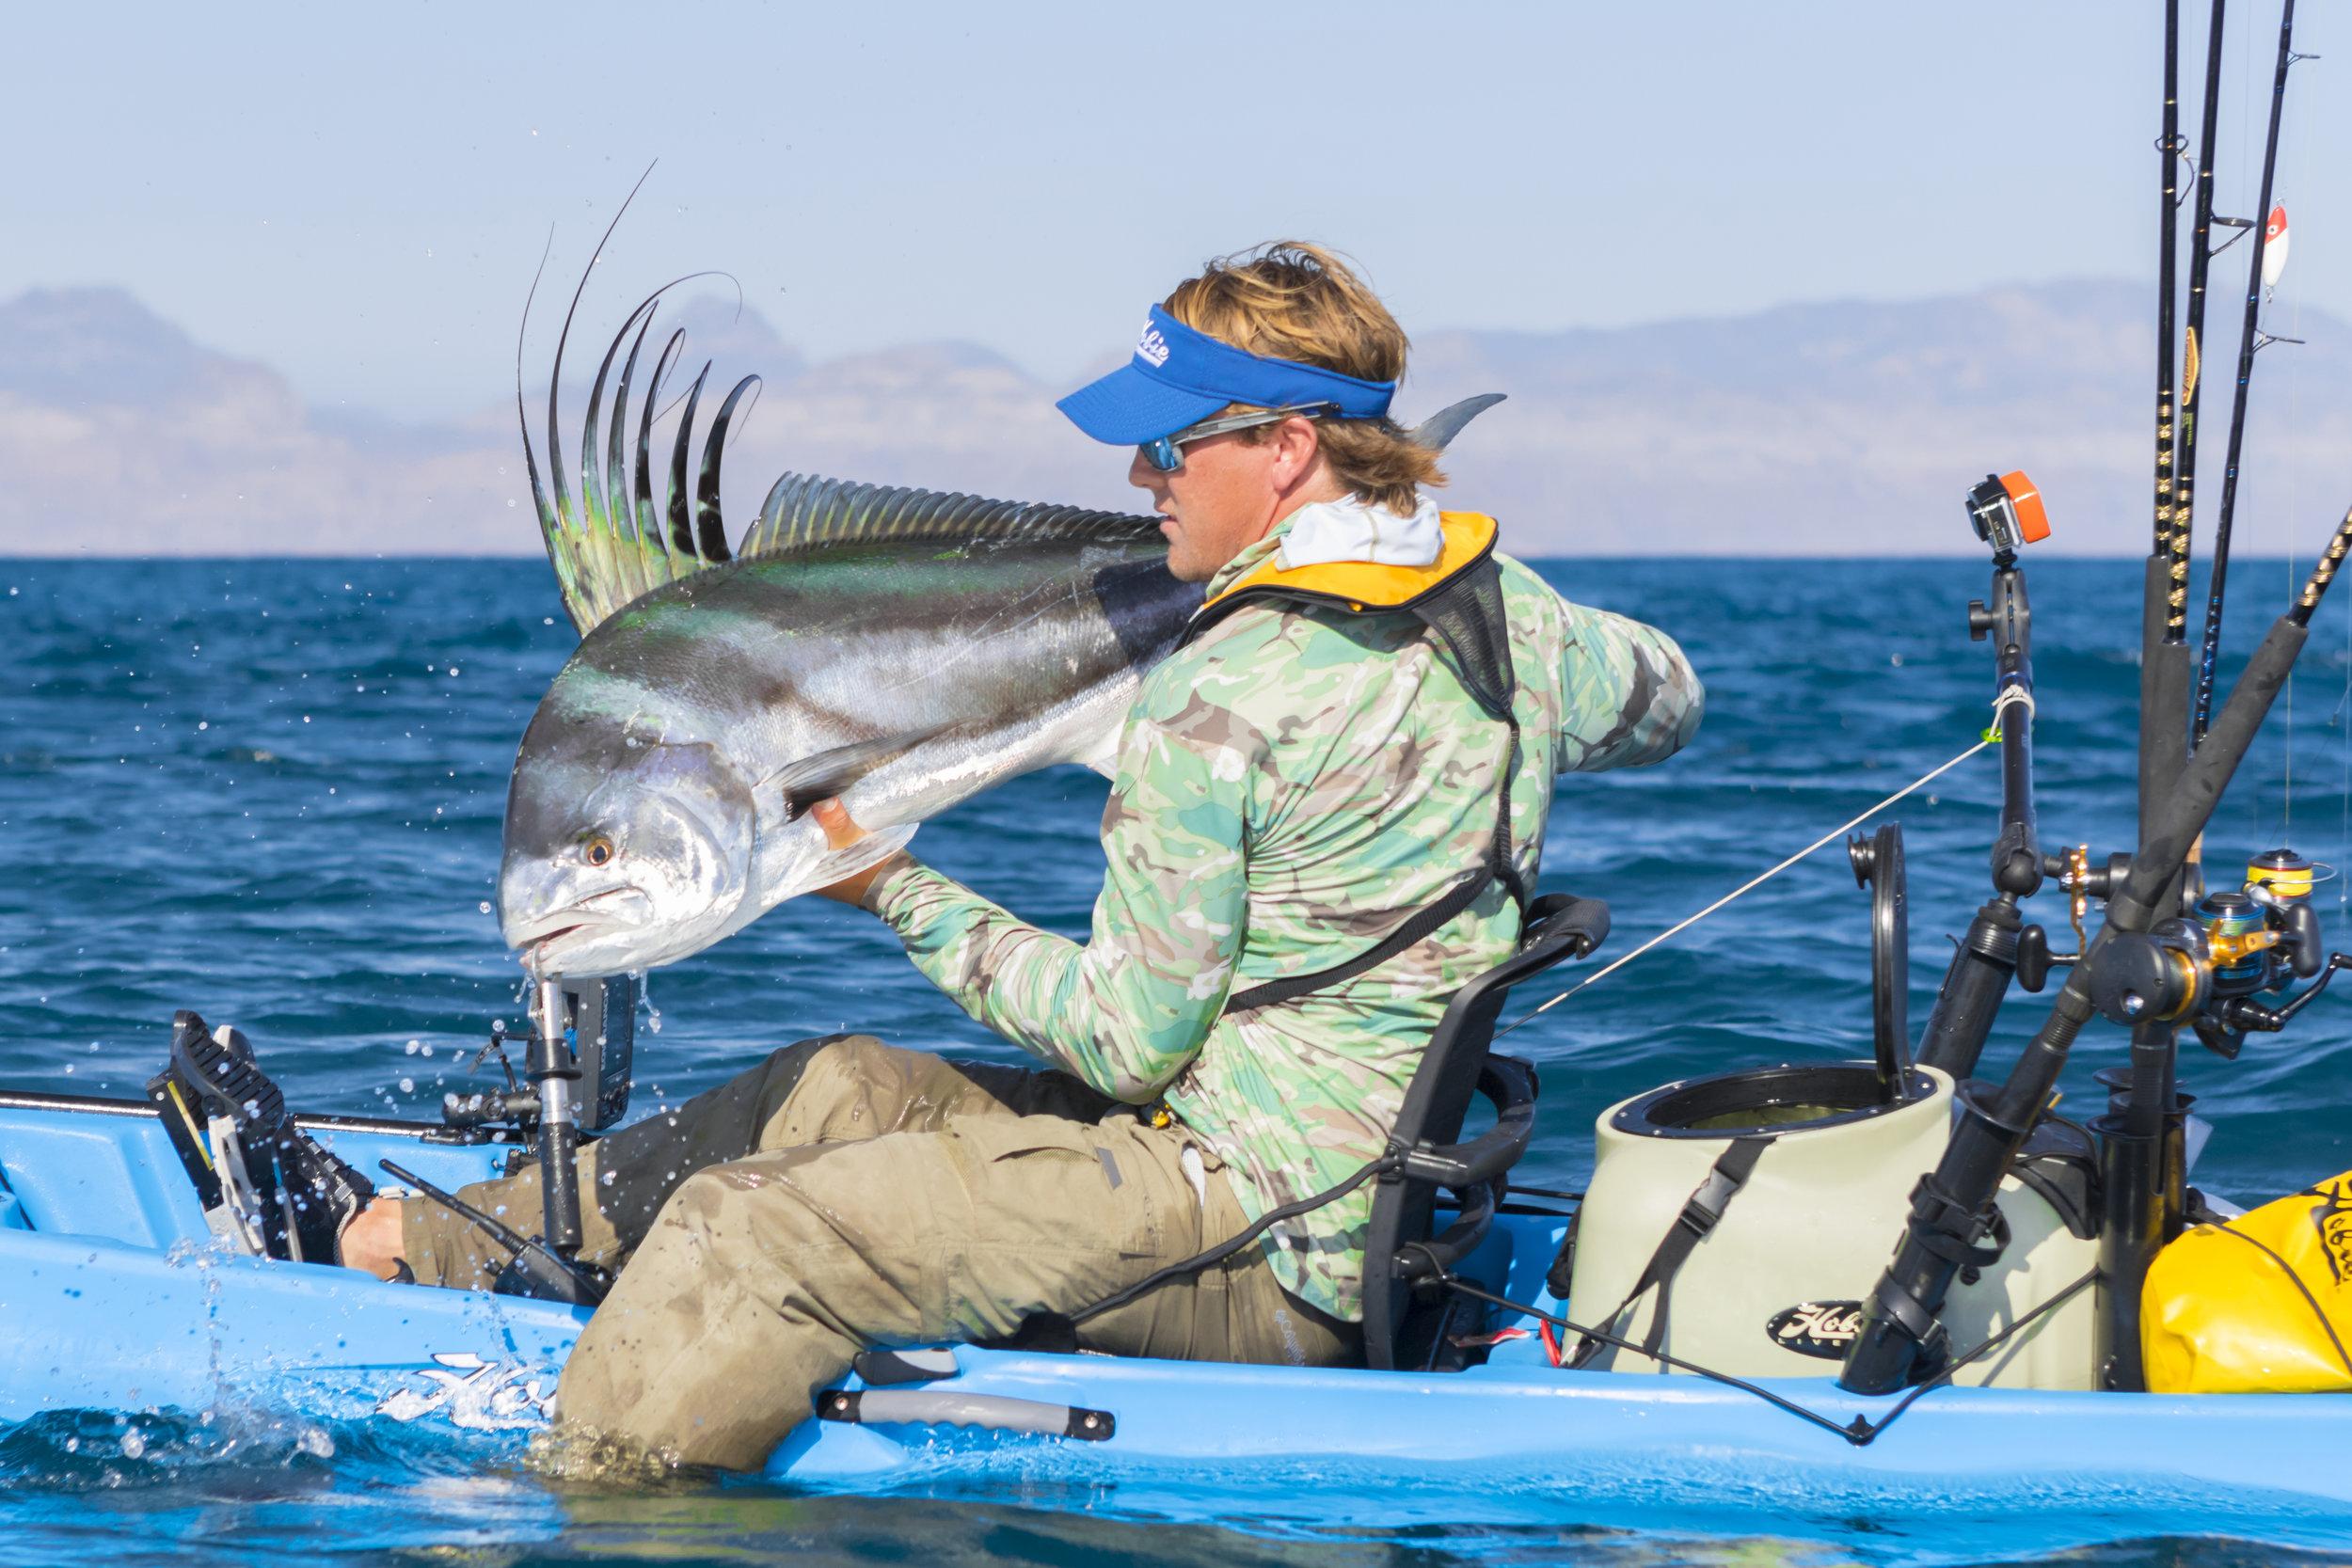 Revolution13_action_fishing_rooster_ocean_blue_Morgan_9150_full.jpg